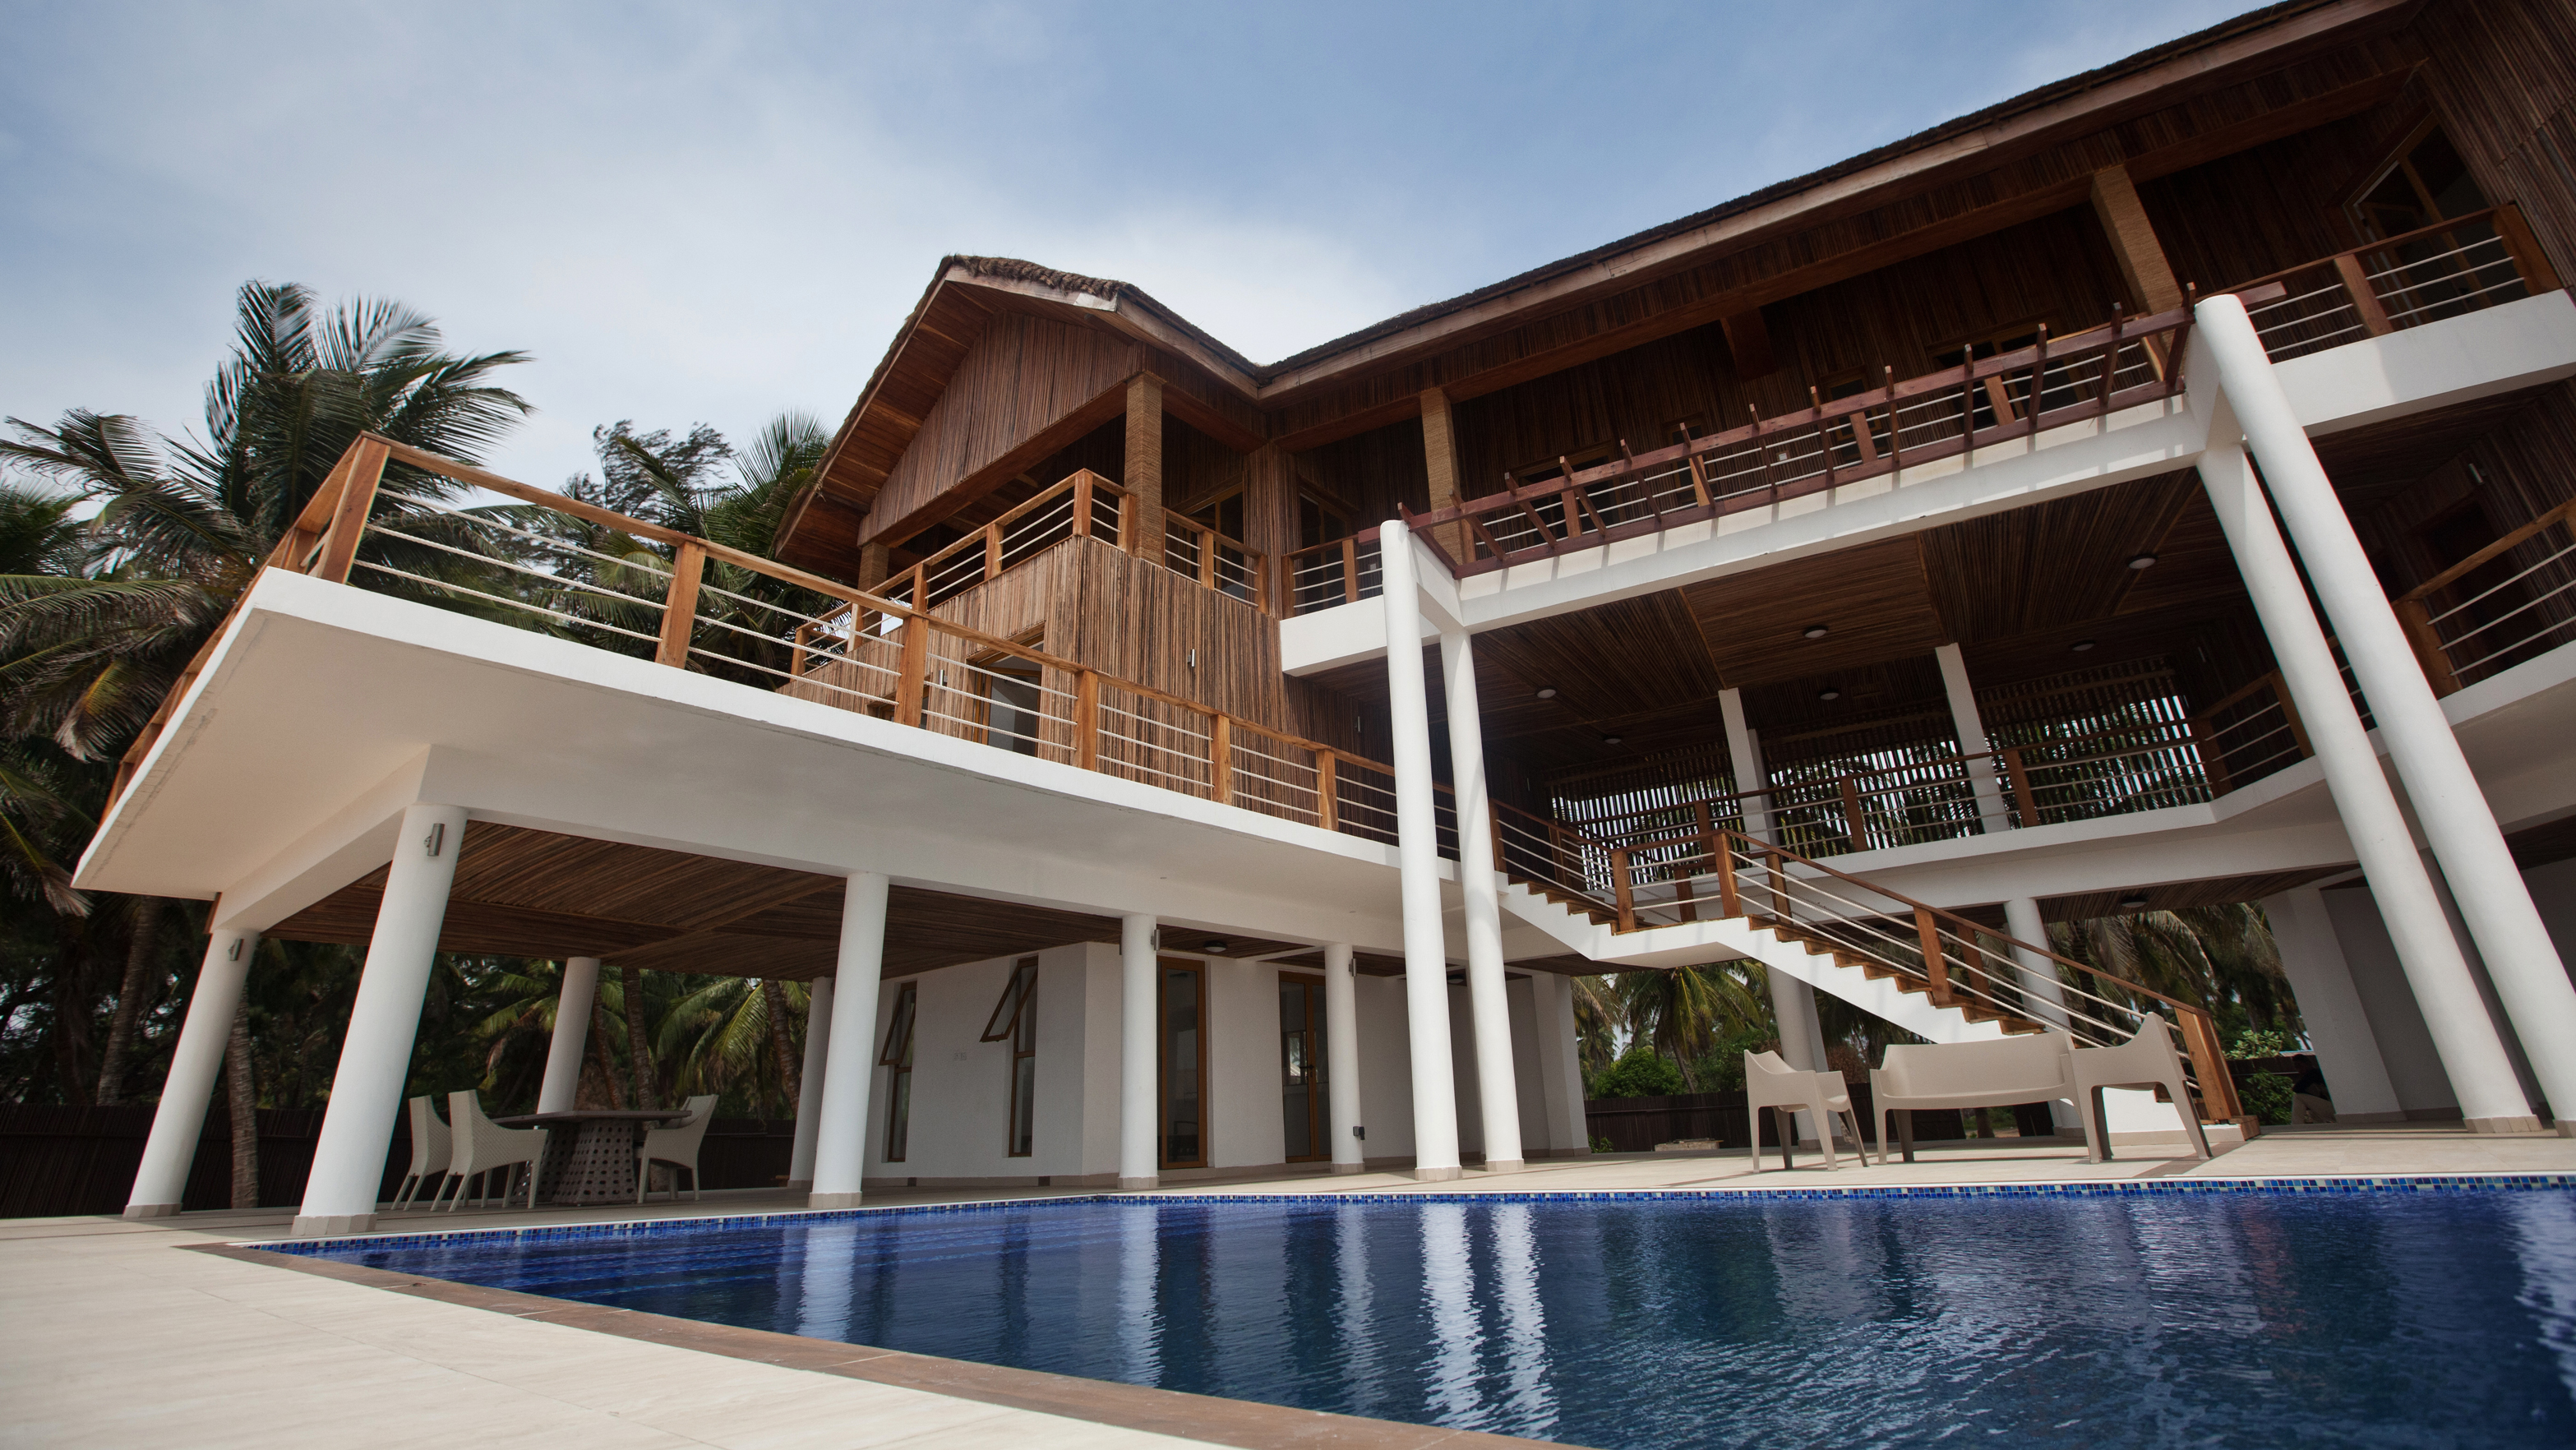 PRIVATE BEACH HOUSE 10